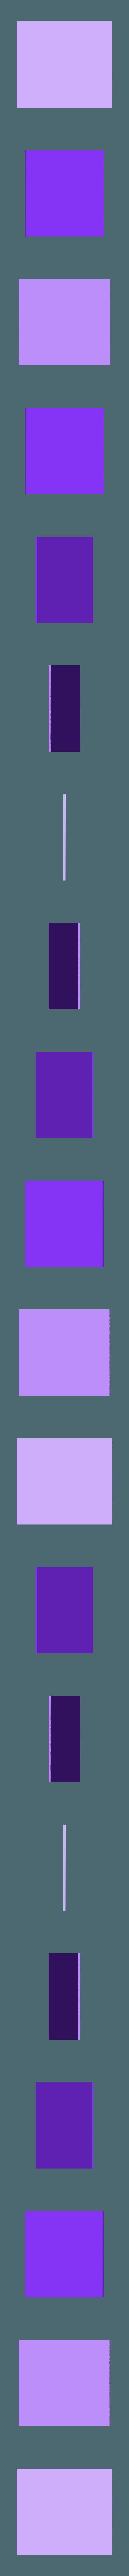 Ant_base_Flat.stl Download free STL file Base for Ant Walker Scifi gaming 28mm • 3D printable design, redstarkits